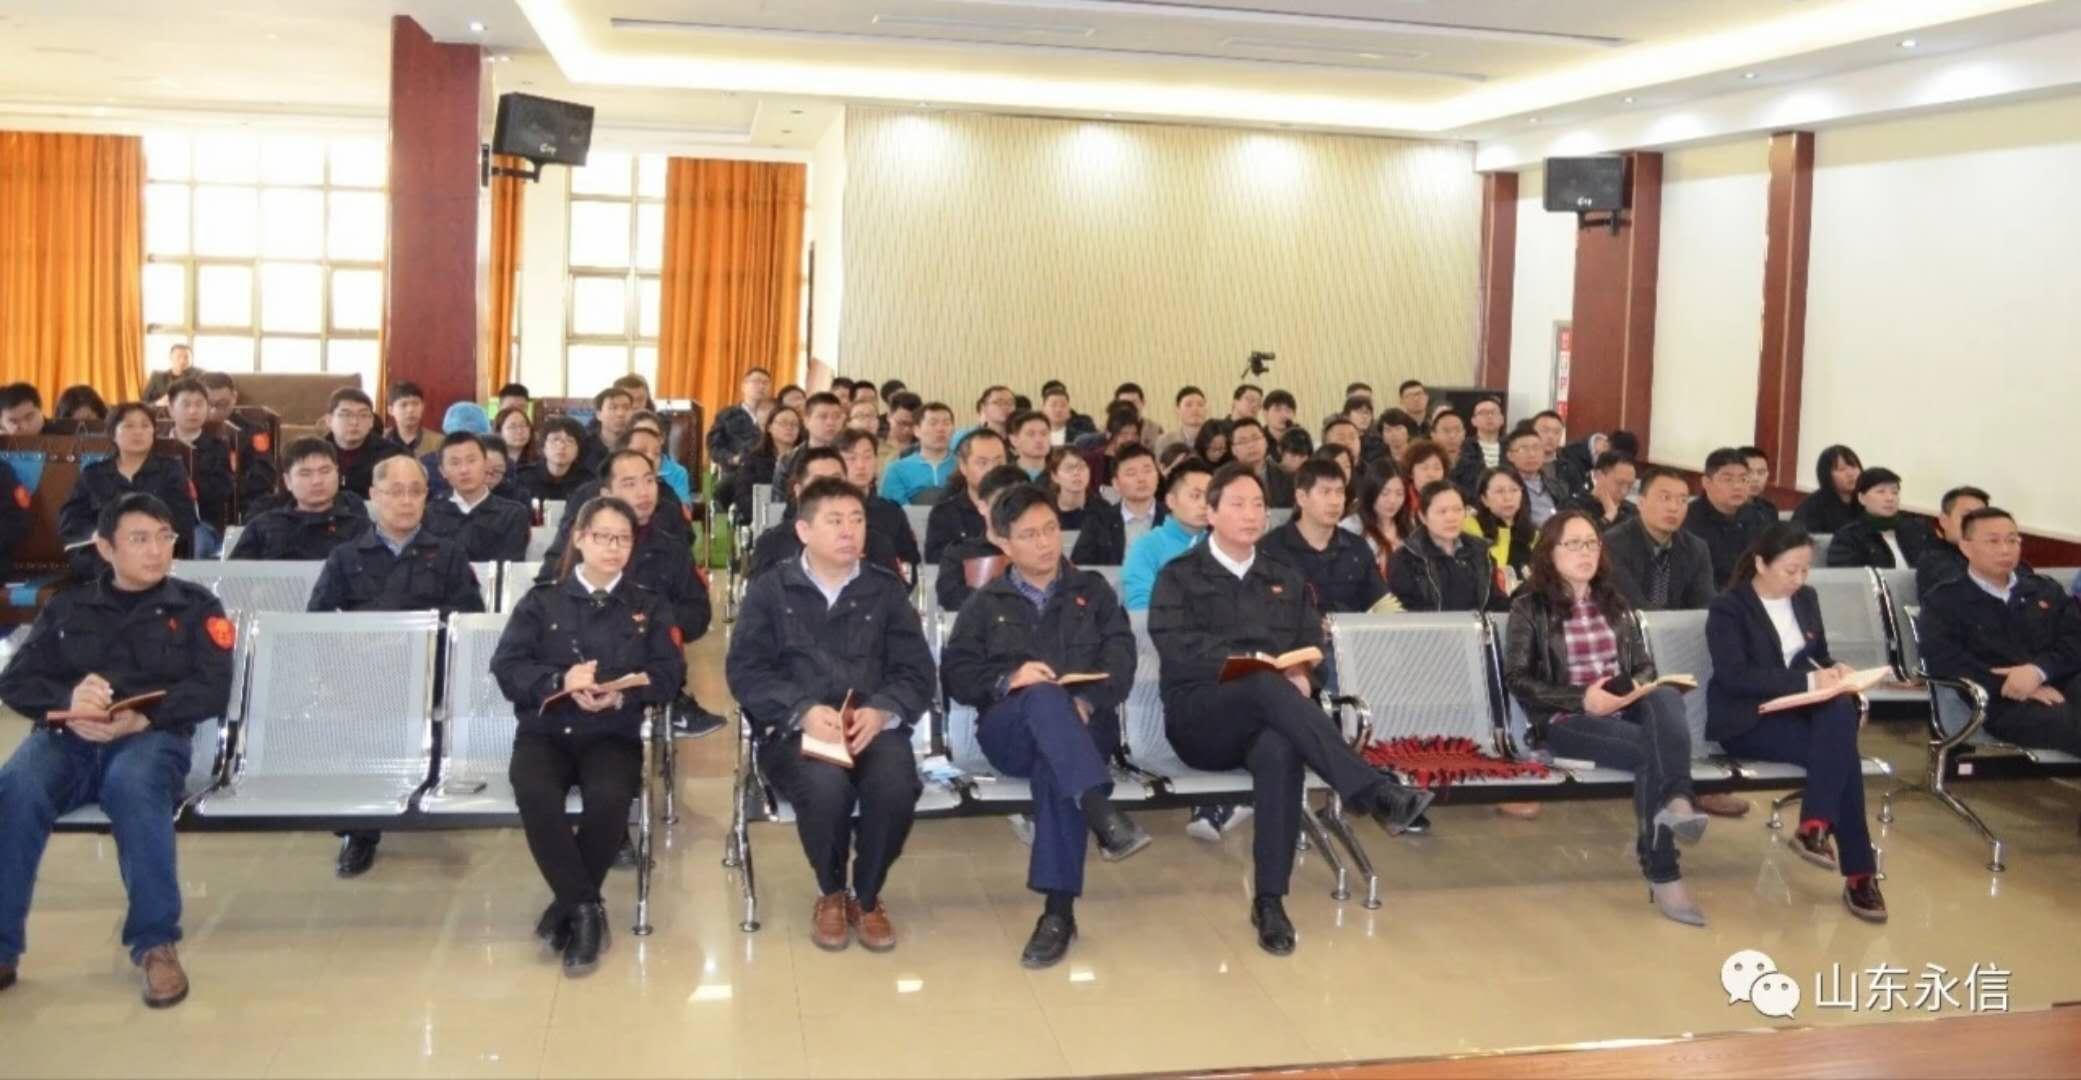 山东省纺机协会(集团公司)召开增收节支工作专题会议